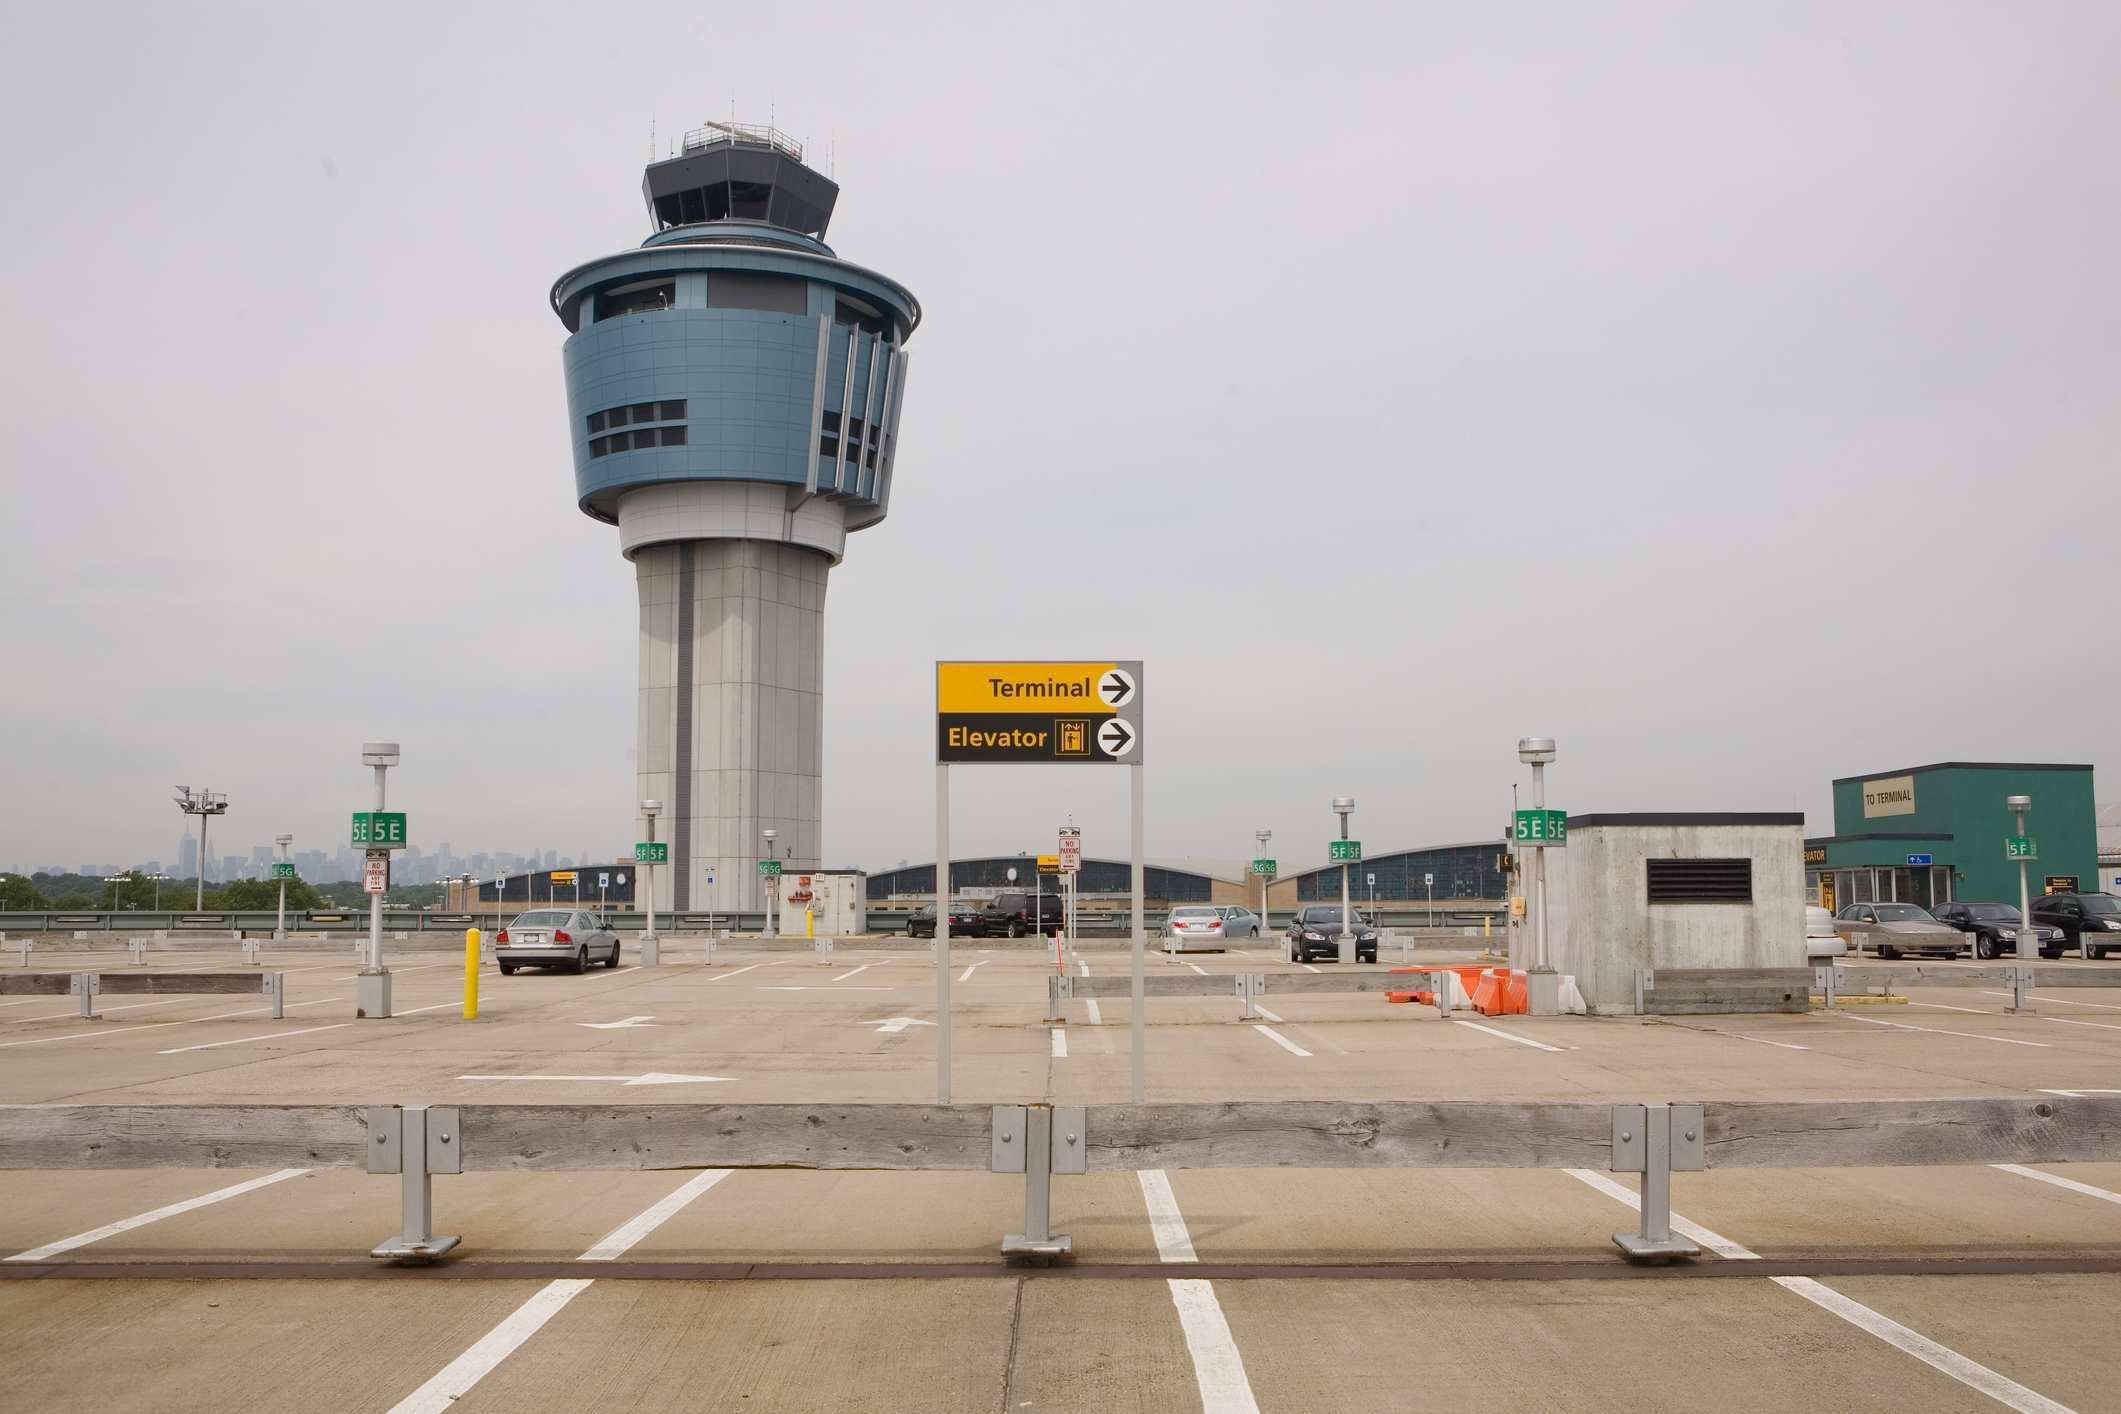 Estacionamiento y torre de control de tráfico aéreo en el Aeropuerto LaGuardia, Ciudad de Nueva York